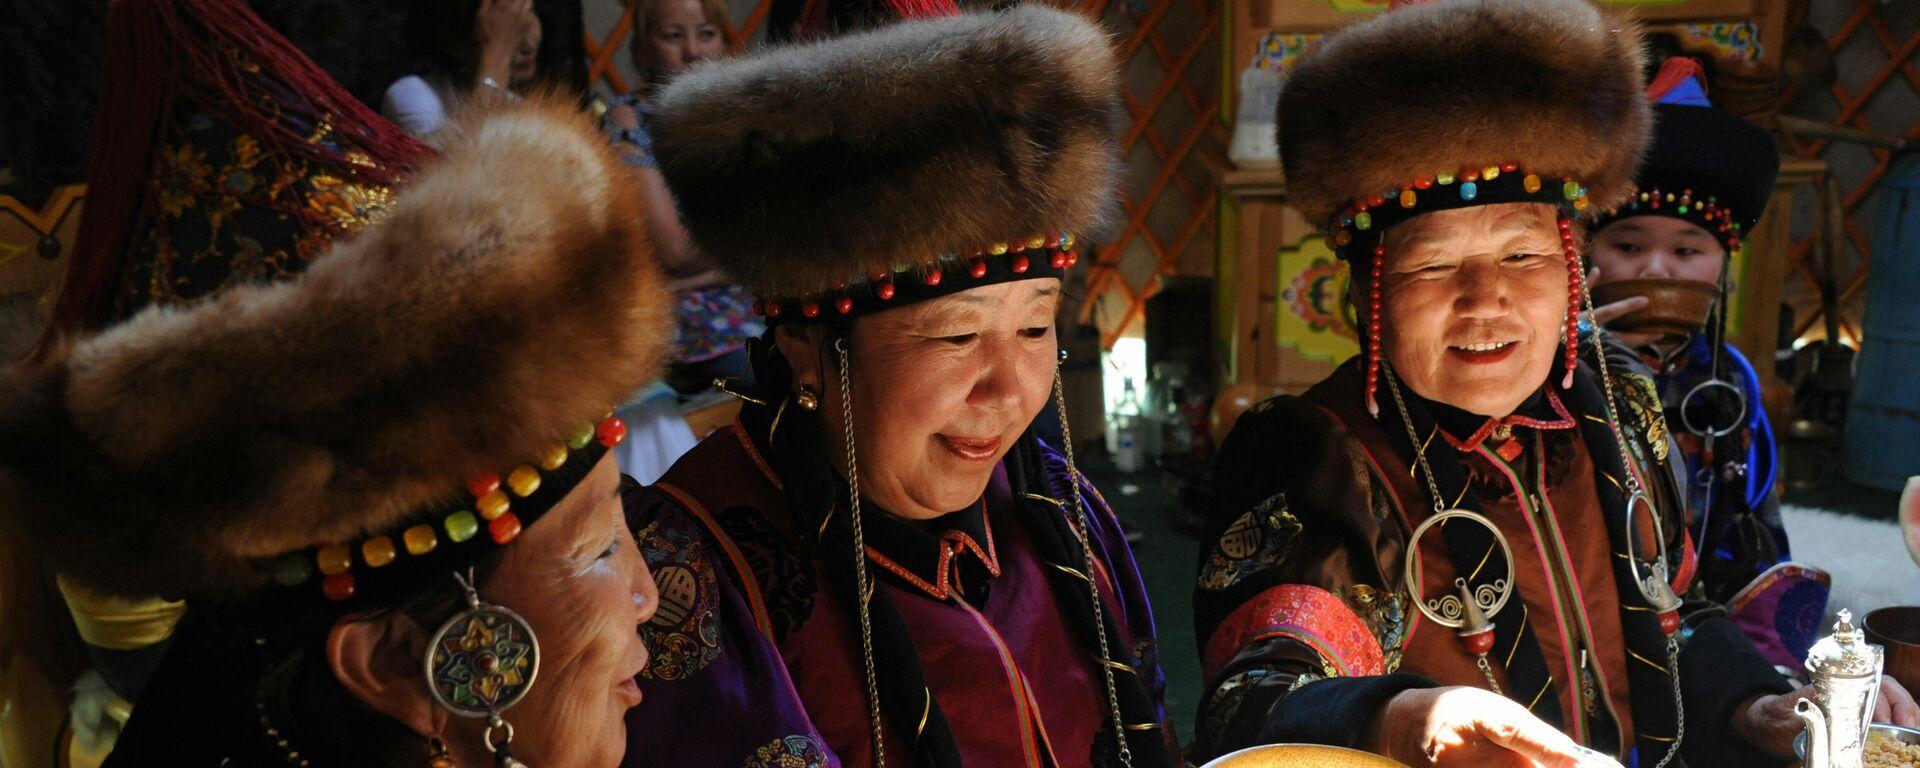 Mujeres preparan kumis en Mongolia - Sputnik Mundo, 1920, 26.03.2021